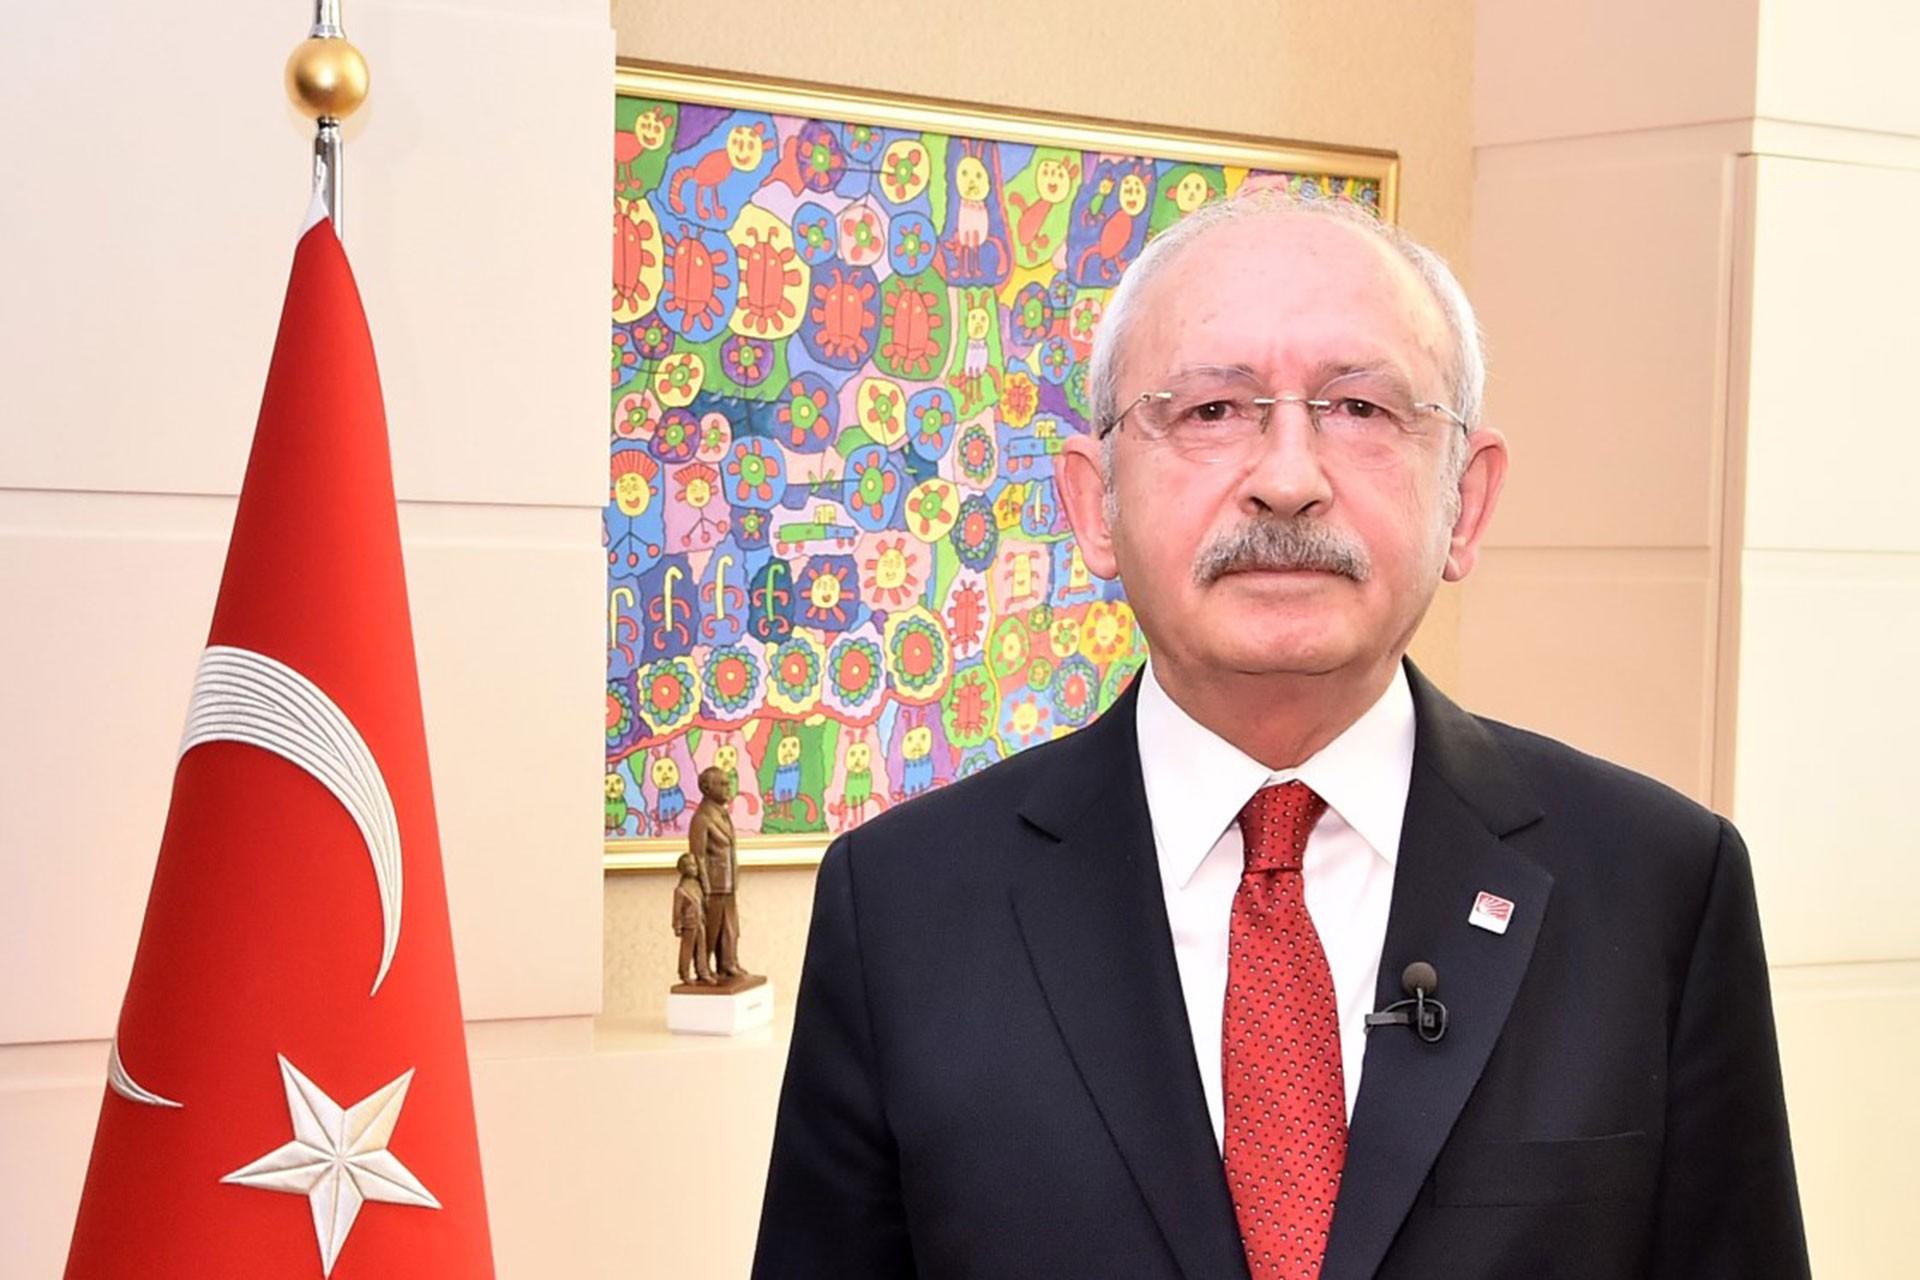 CHP Lideri Kılıçdaroğlu'ndan 23 Nisan mesajı